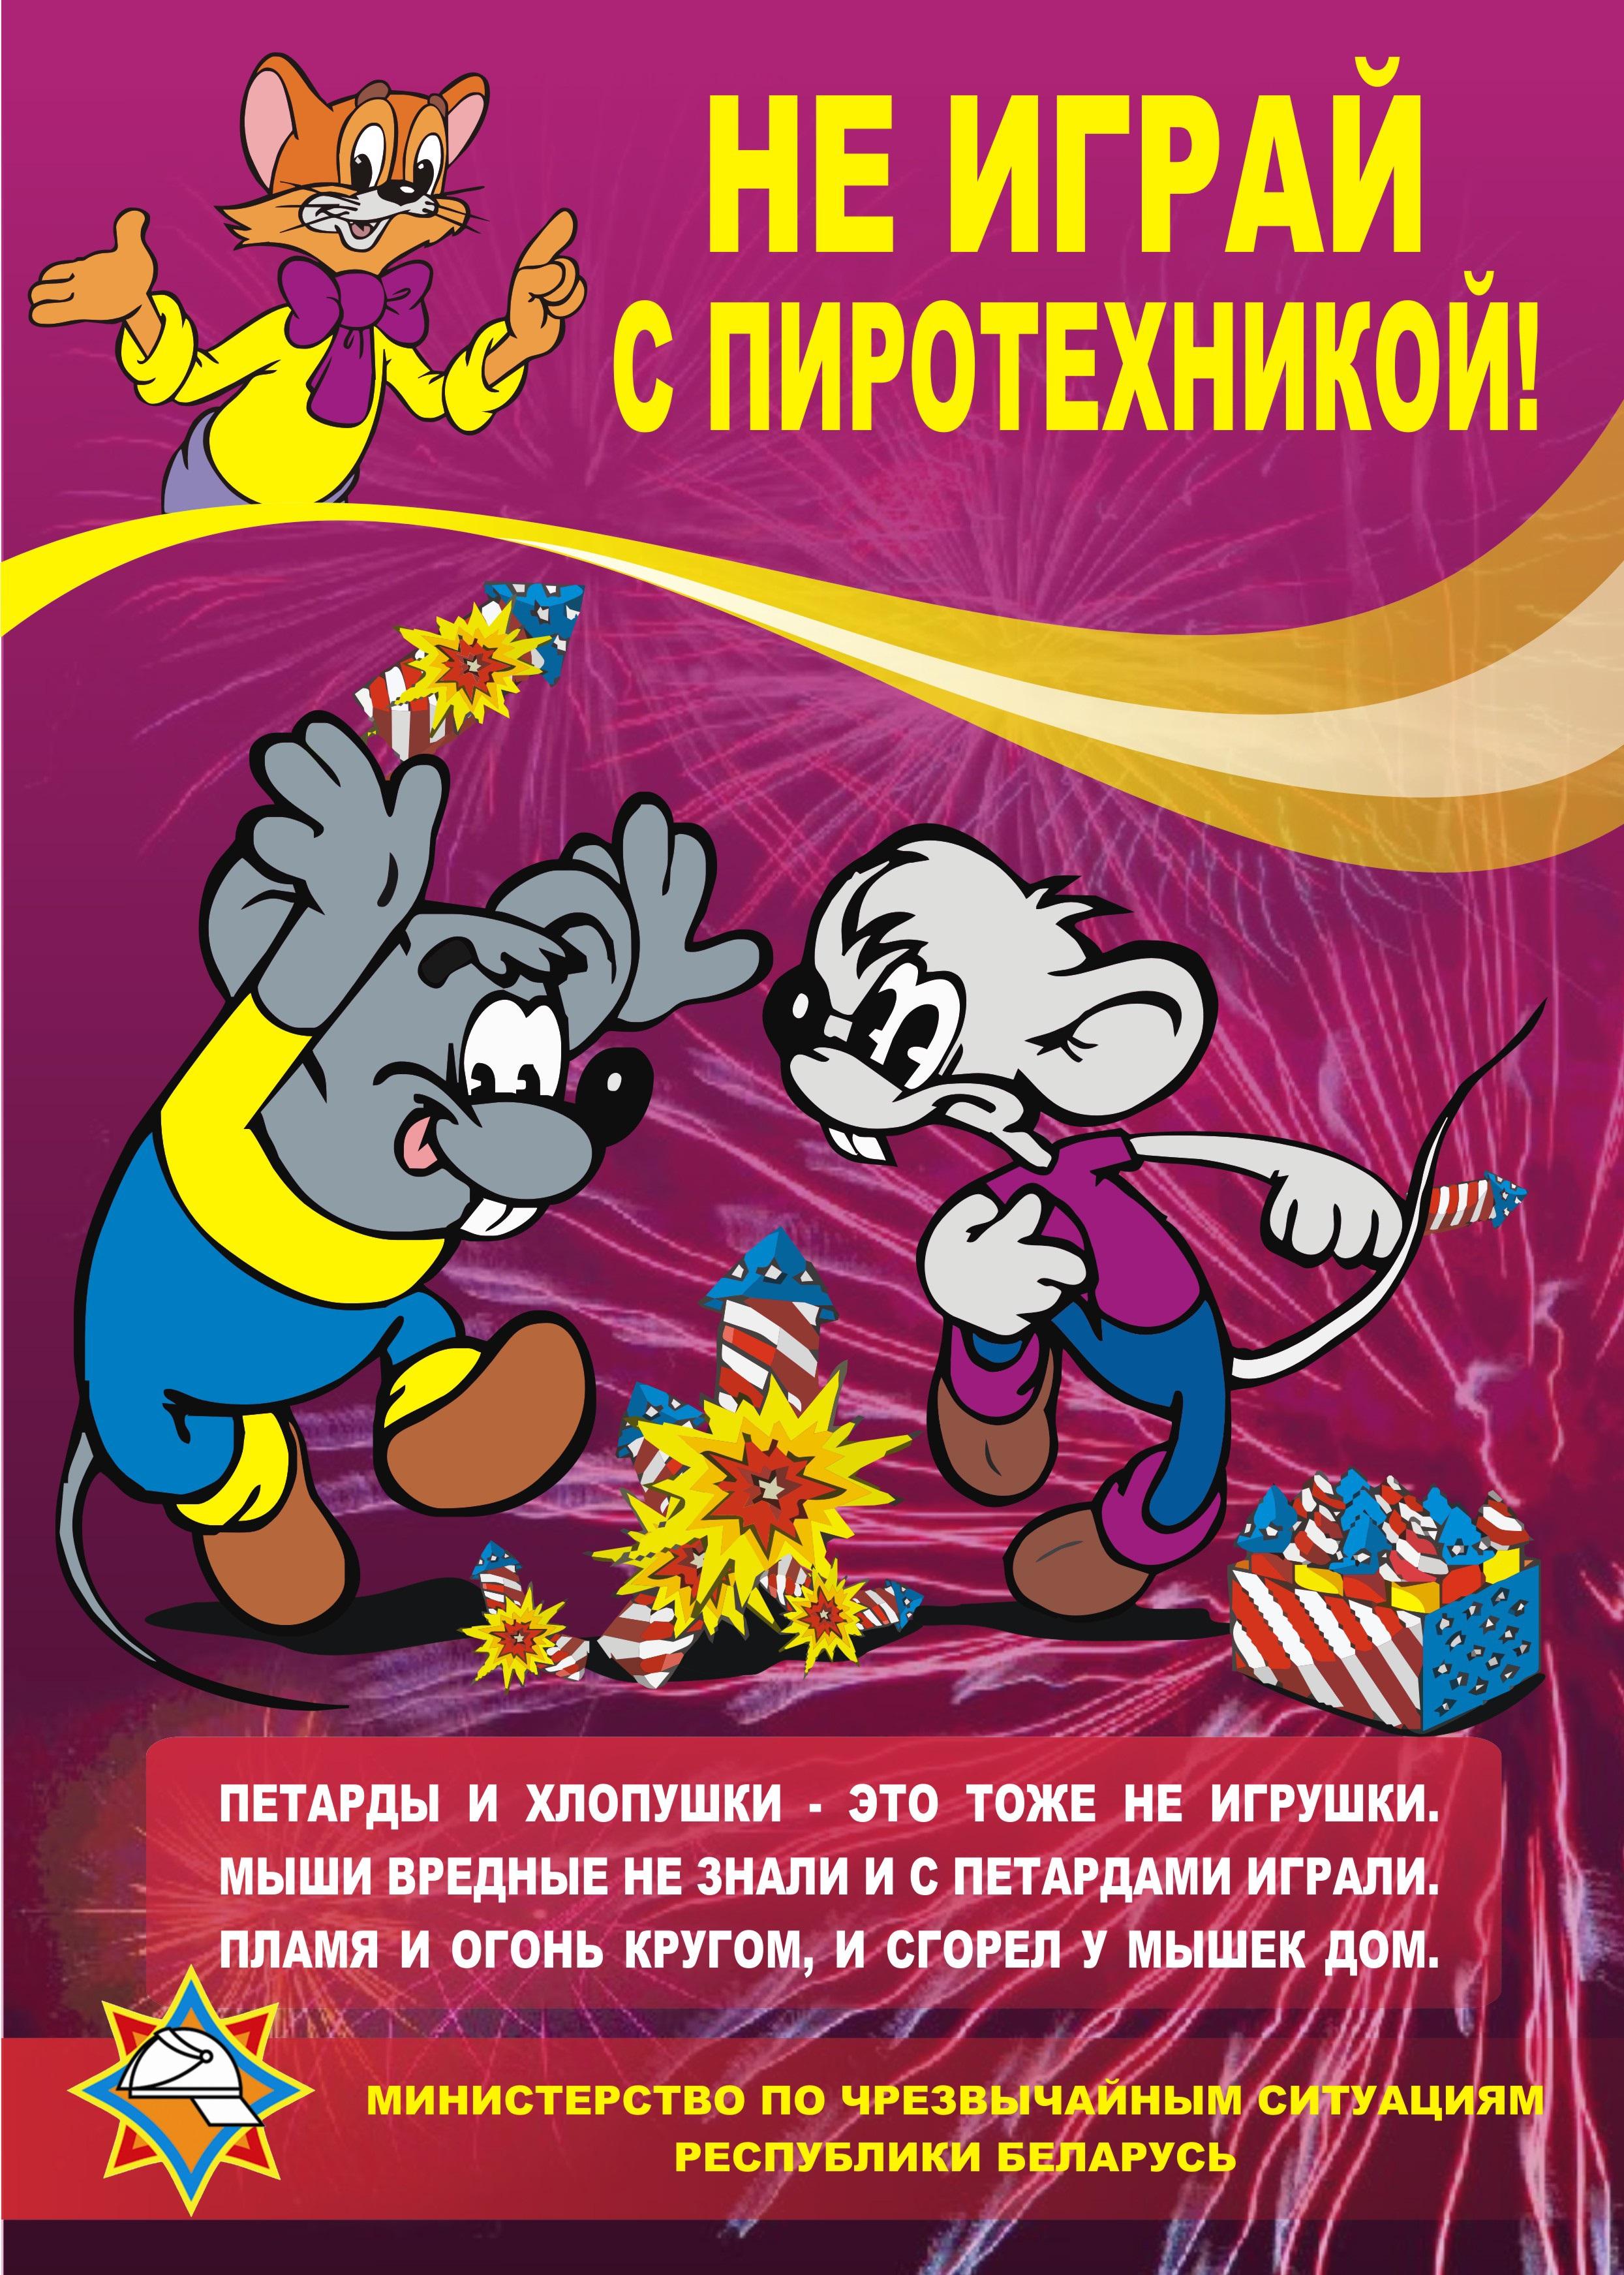 Купить большой фейерверк в Москве – цена, видео, фото